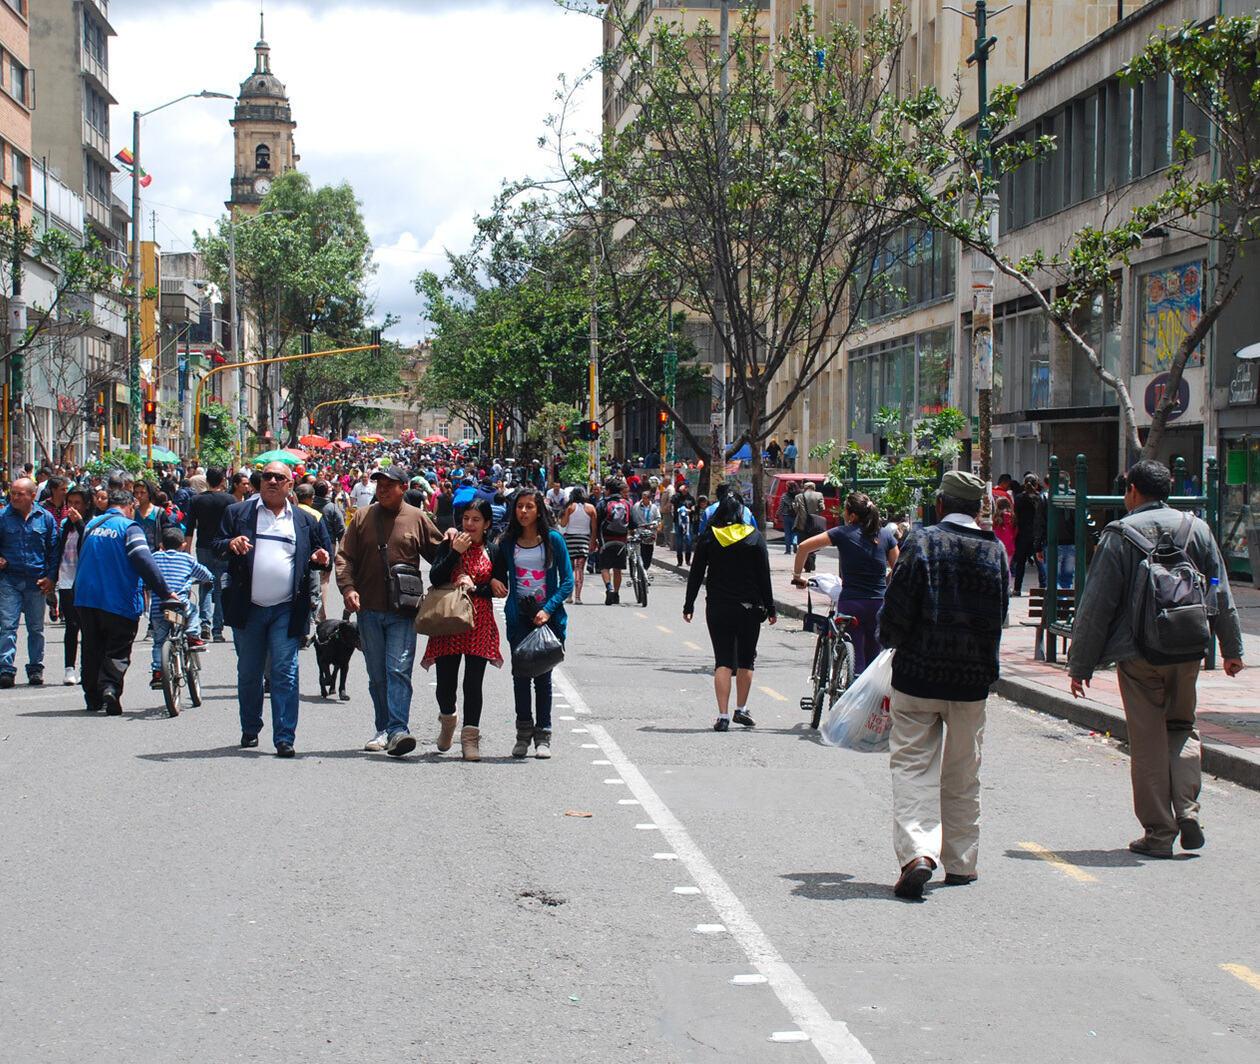 Transformando la Movilidad Urbana: Introducción a la Planeación del Transporte para Ciudades Sostenibles